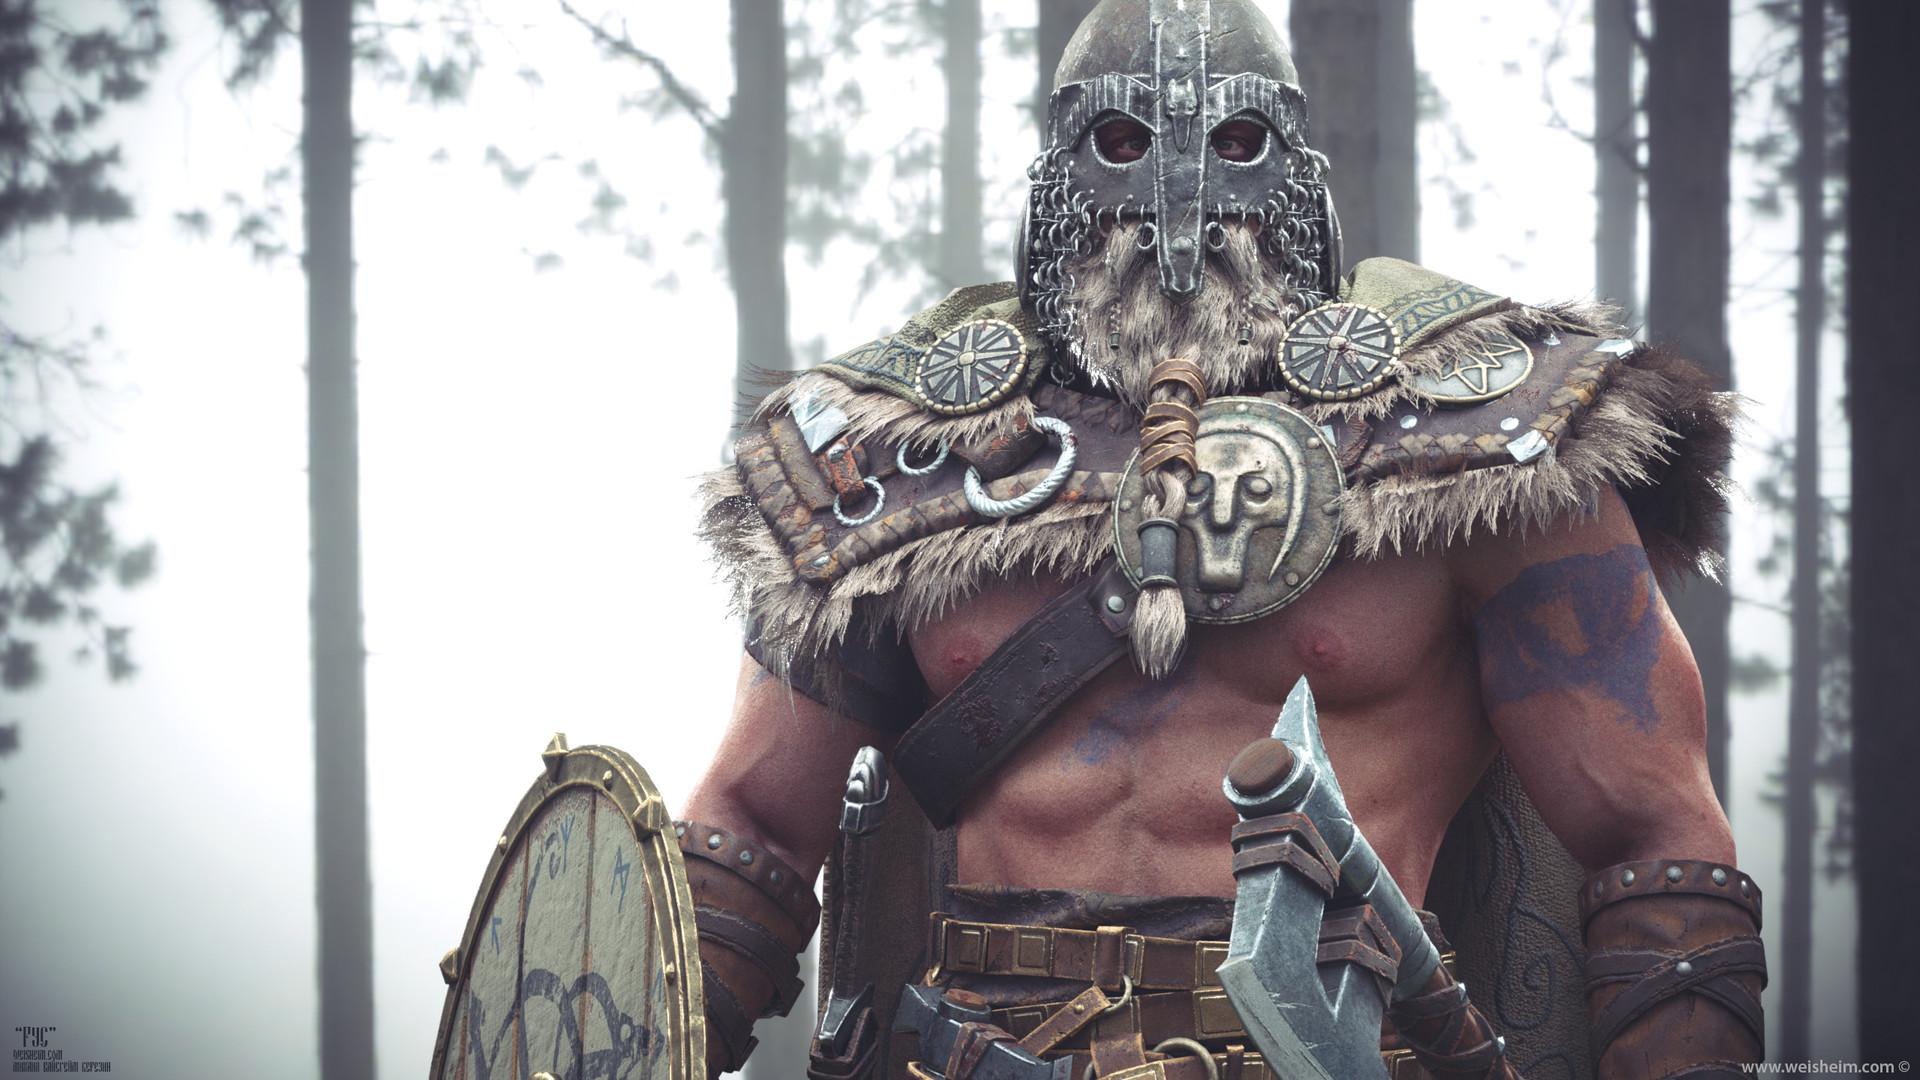 Michael weisheim beresin 33 rus viking